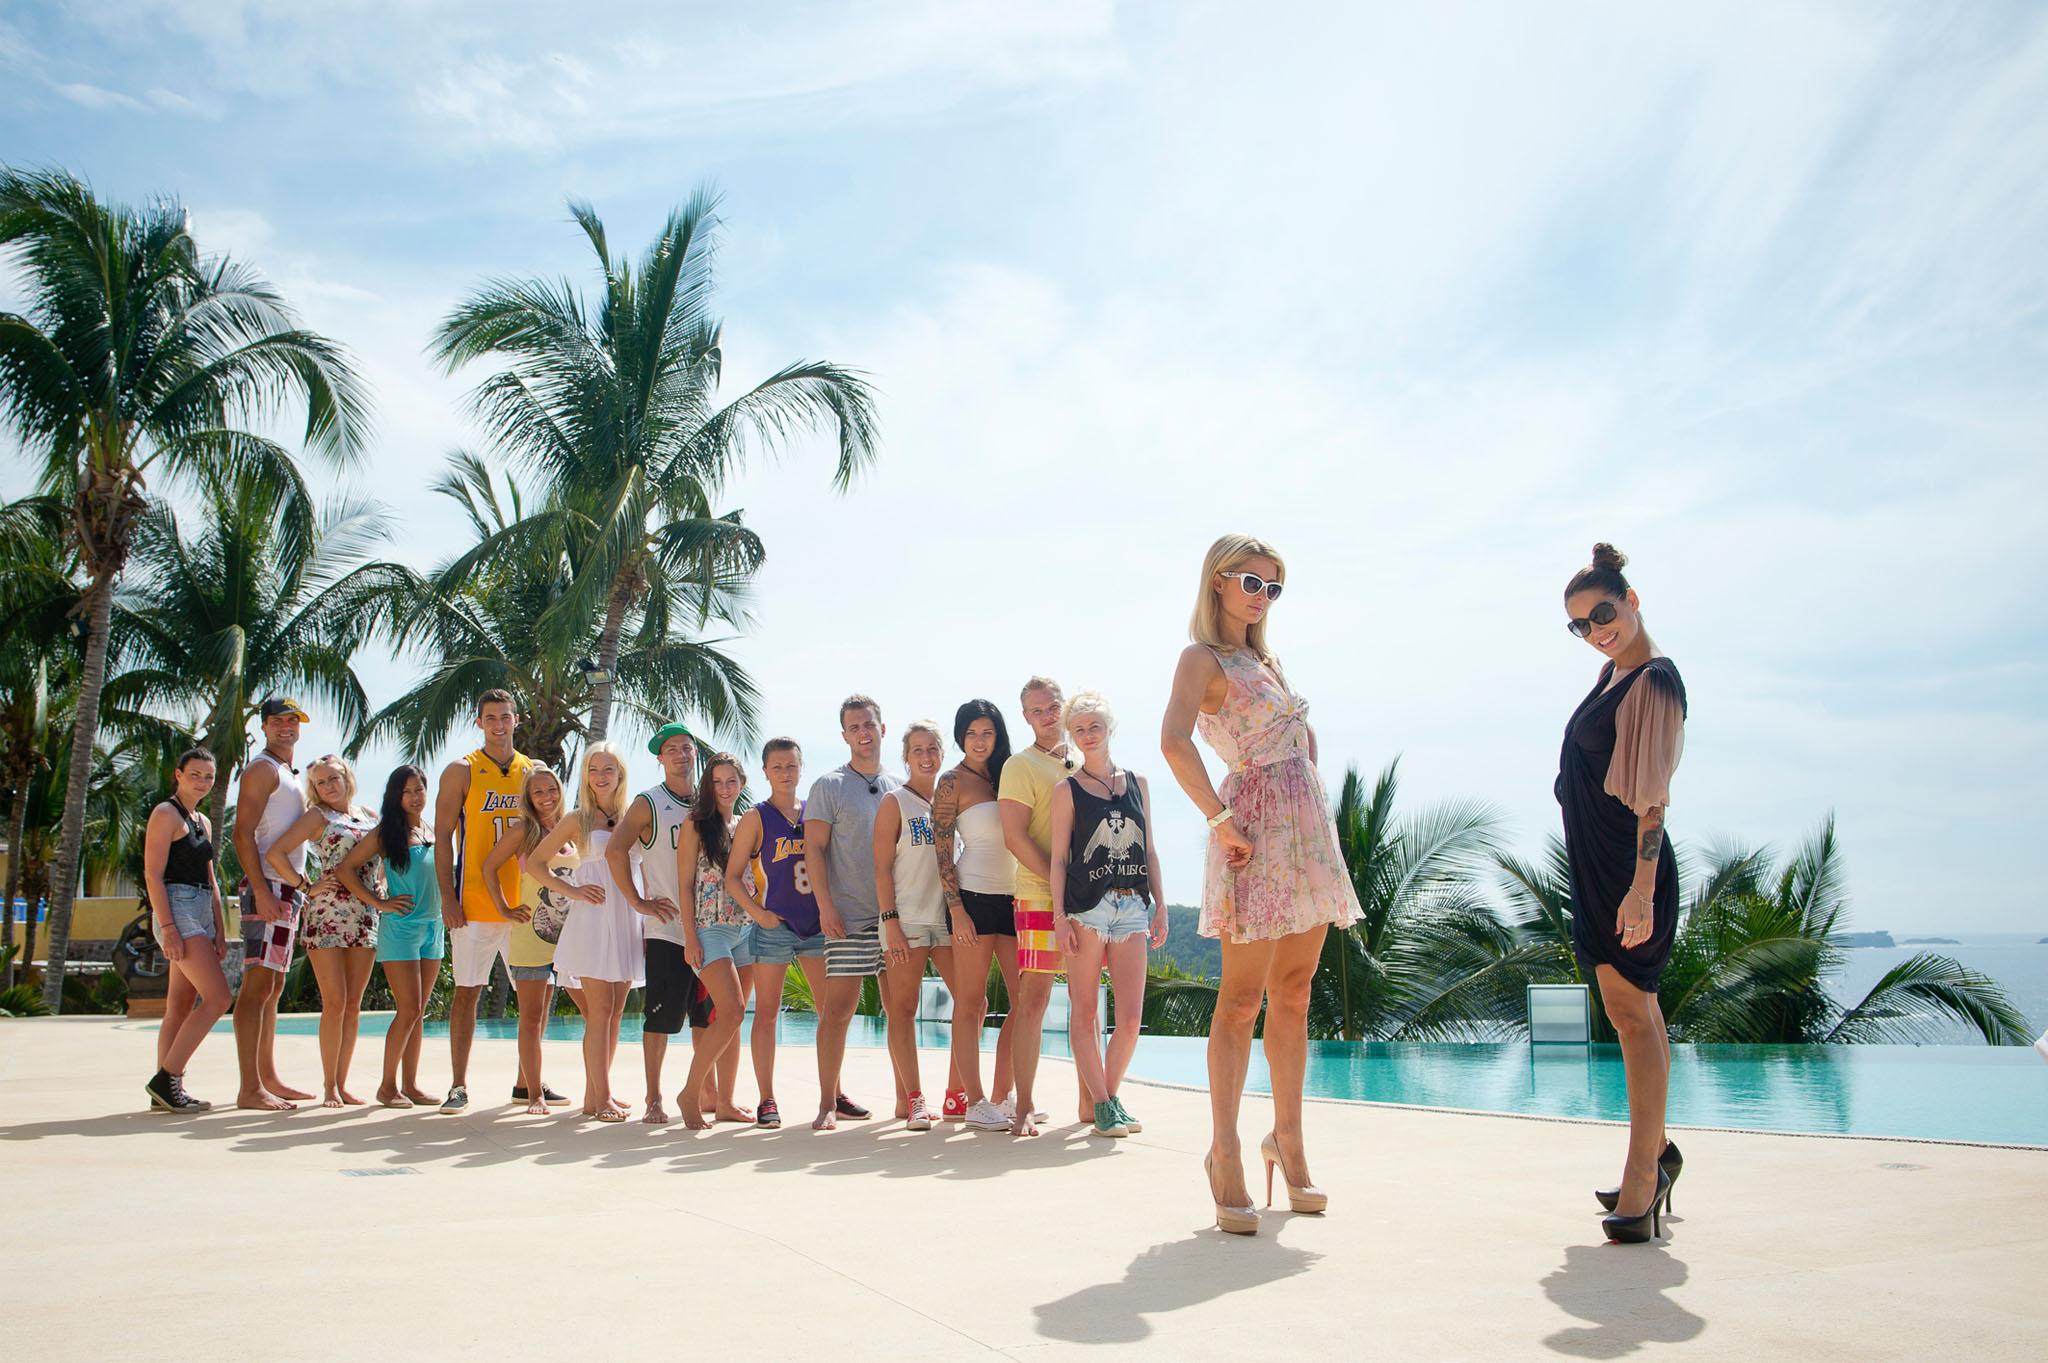 chatroulette norge jenter paradise hotel deltakere 2018